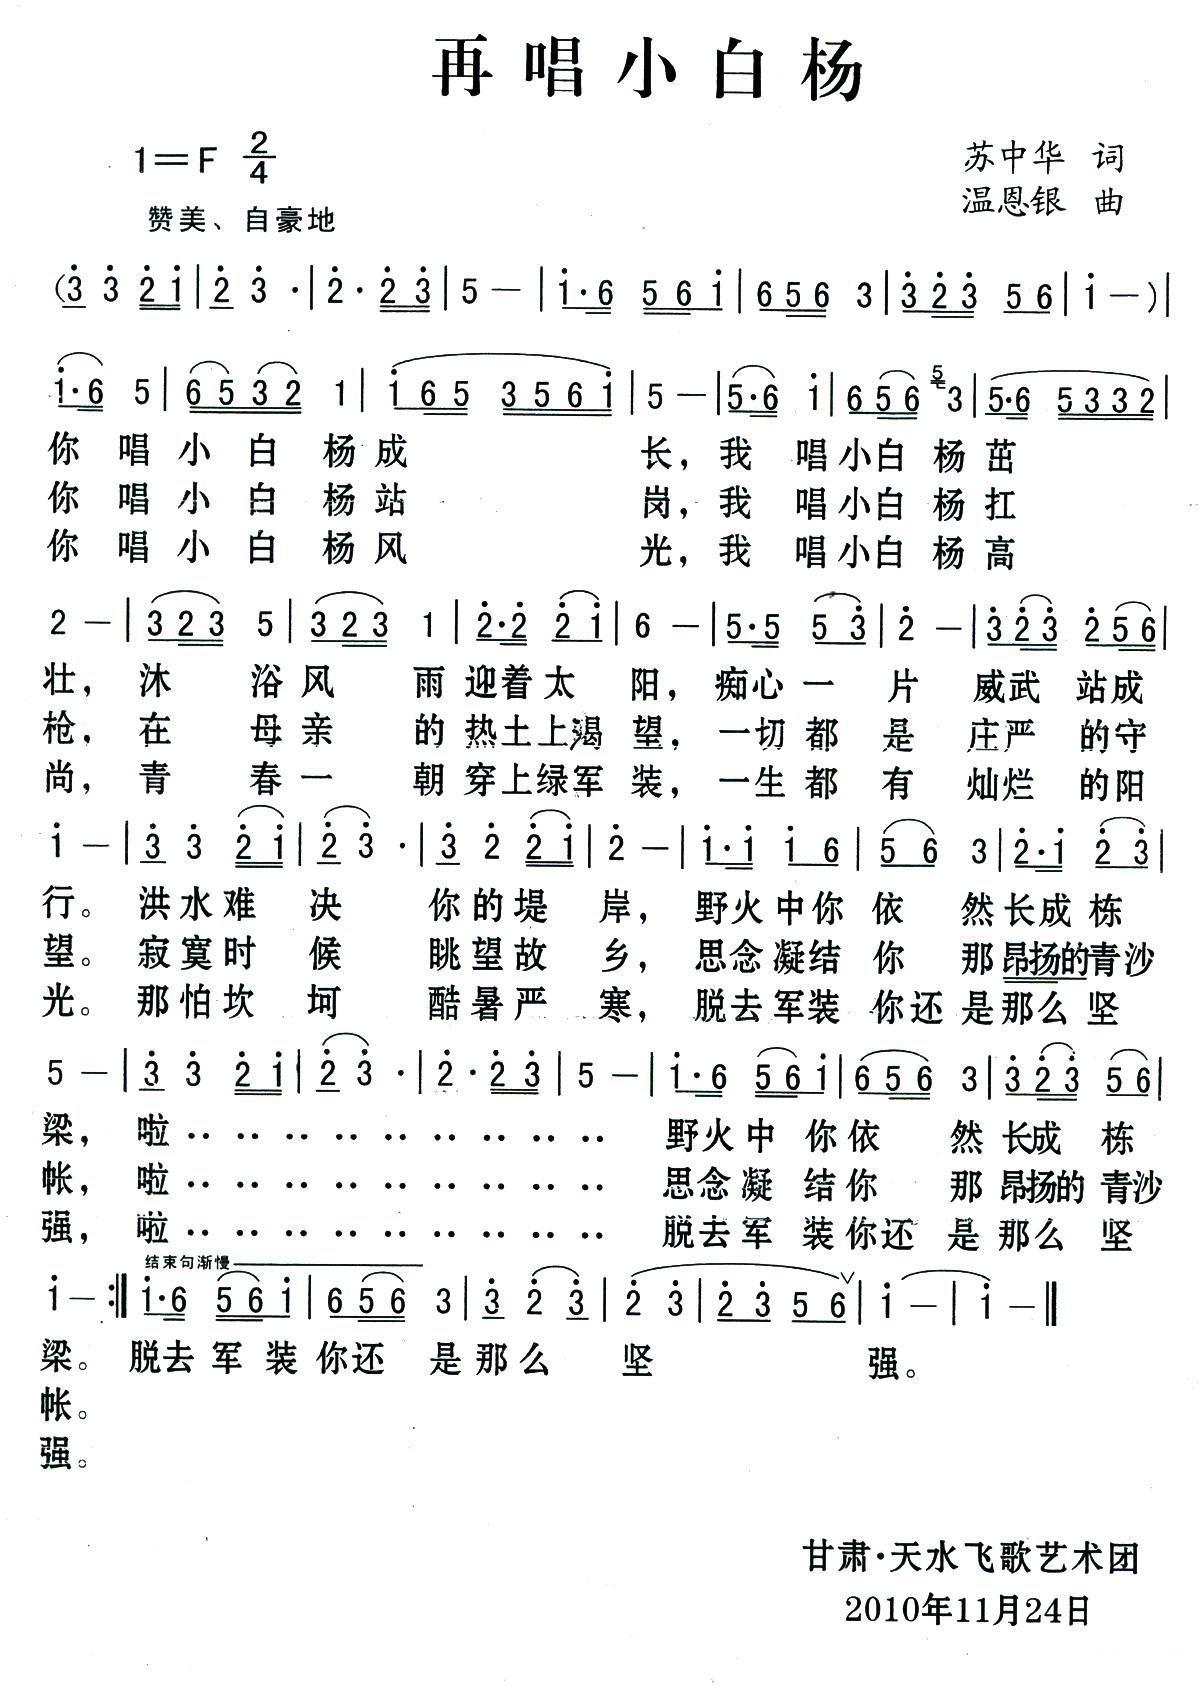 再唱小白杨(苏中华词 温恩银曲)_简谱_搜谱网